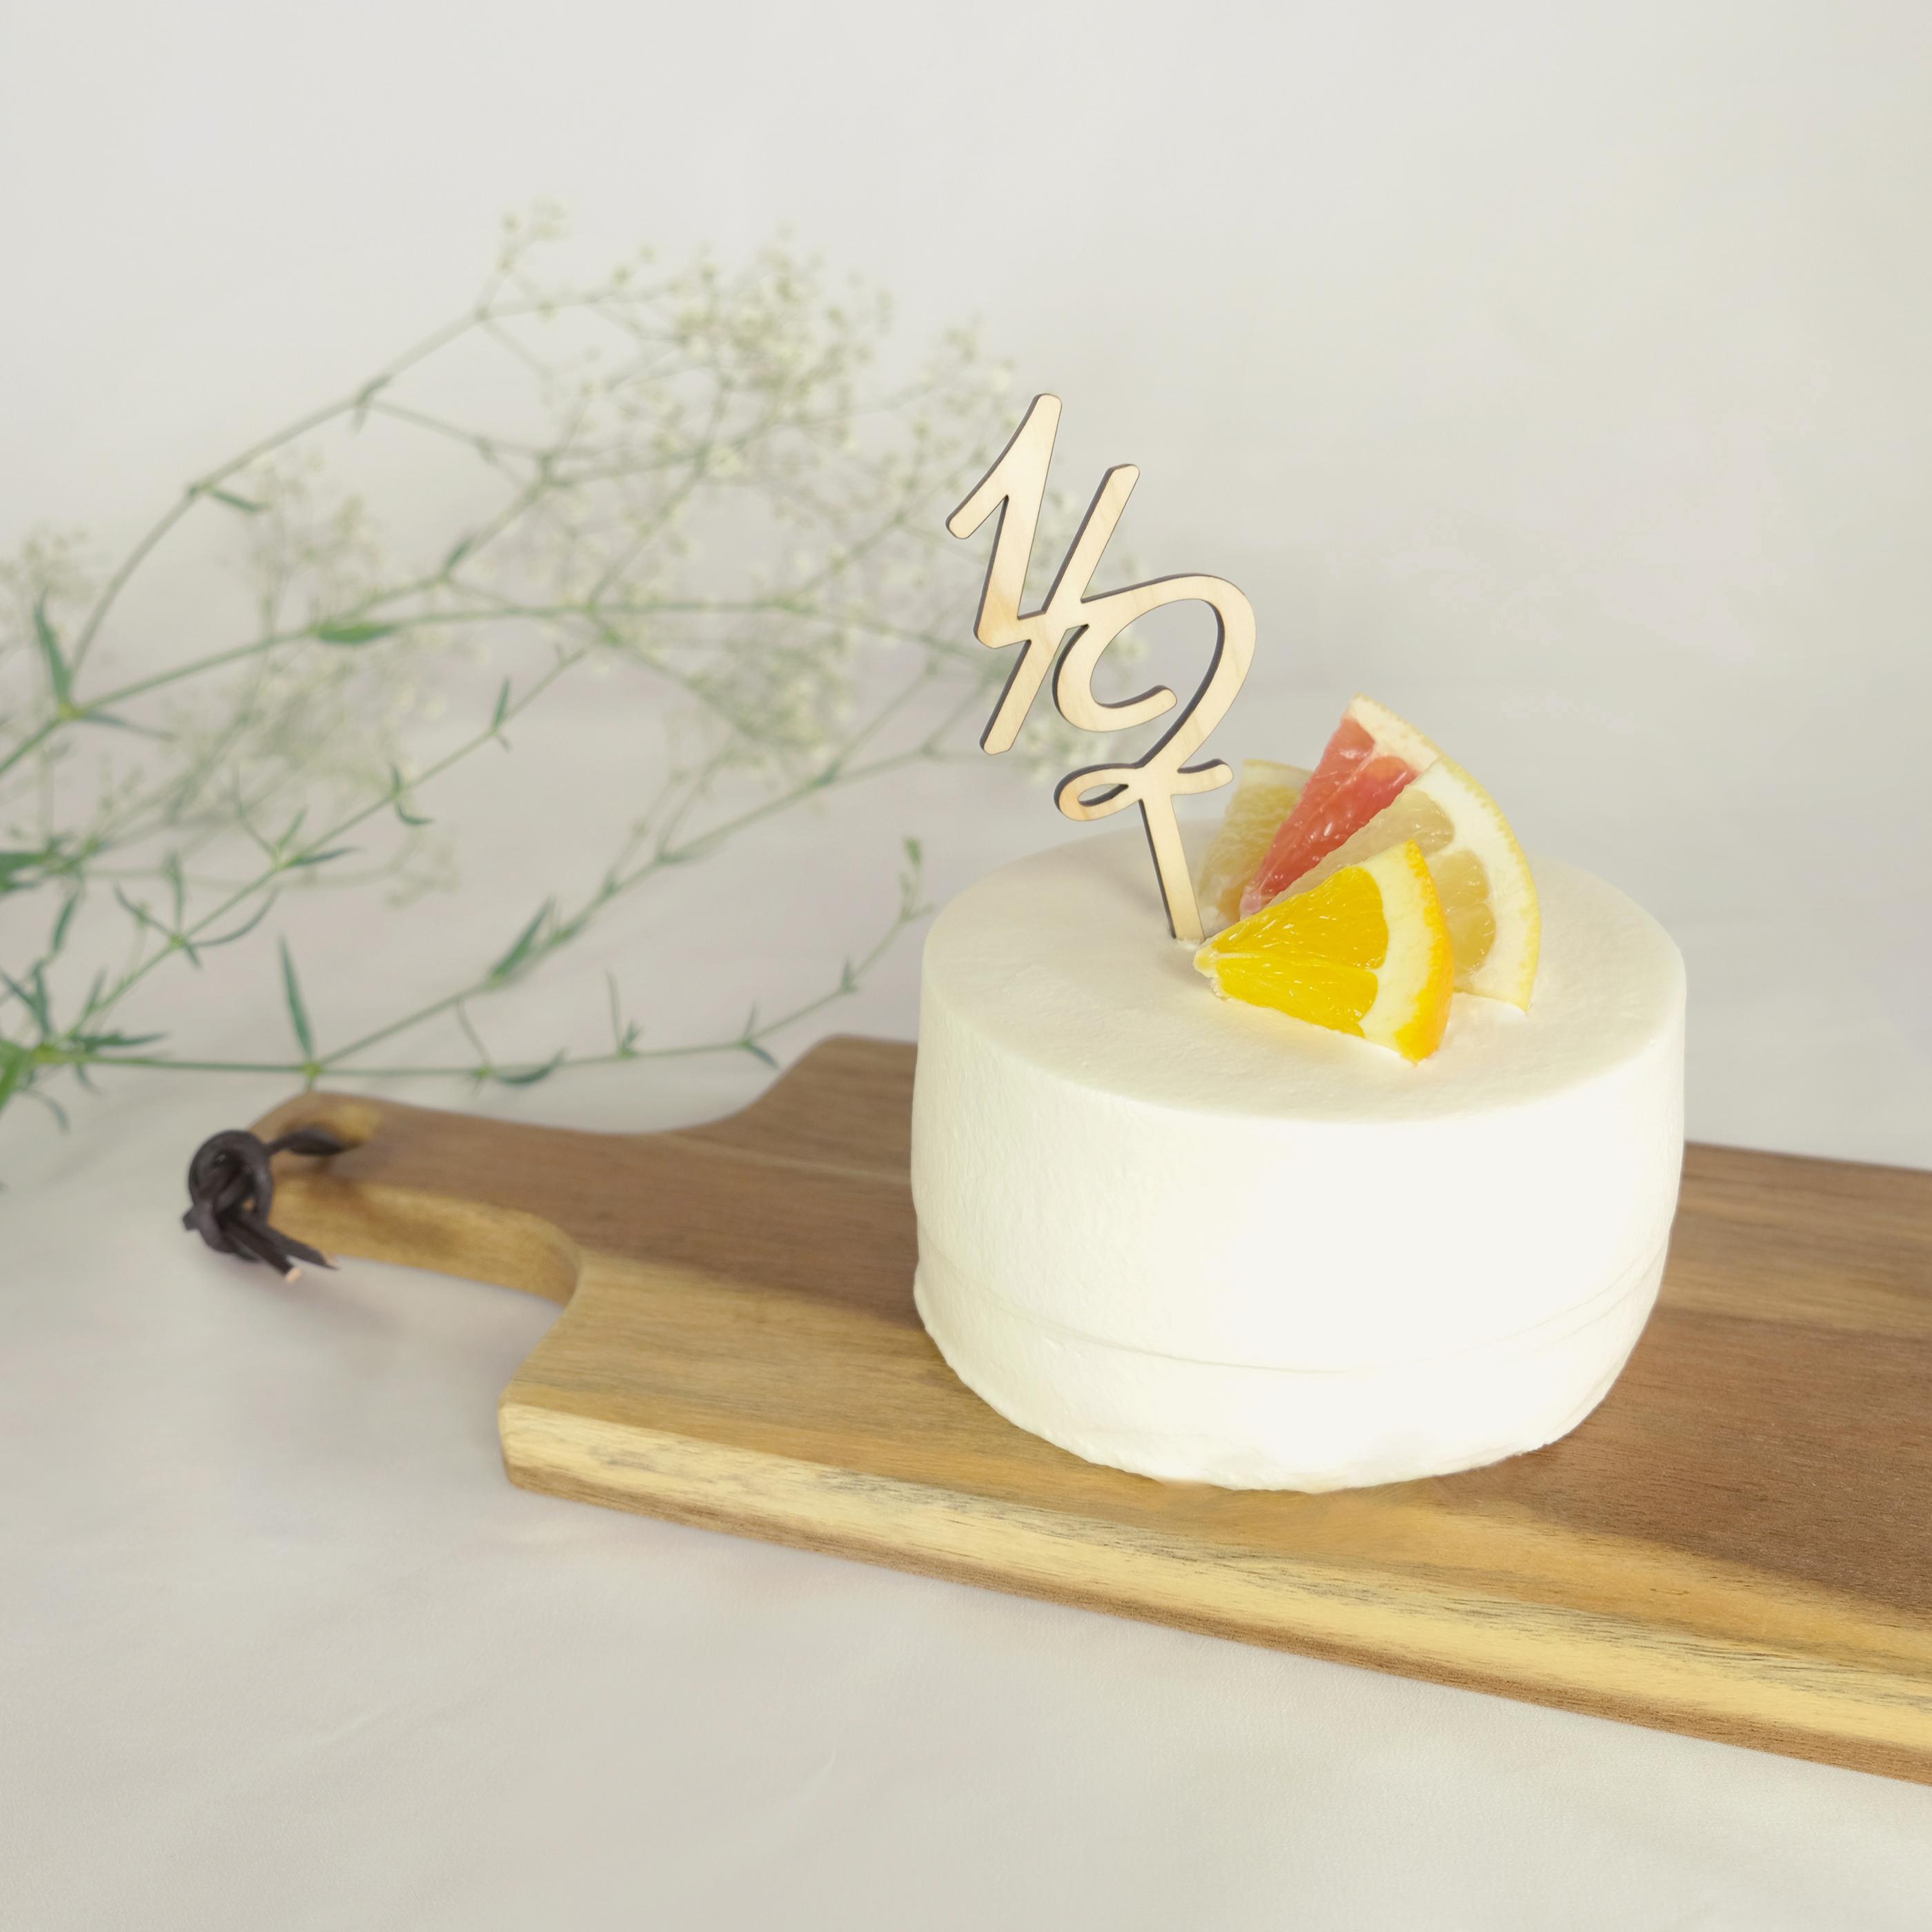 国産素材 木製ケーキトッパー 1 2 ハーフバースデイ用 Pretty Things